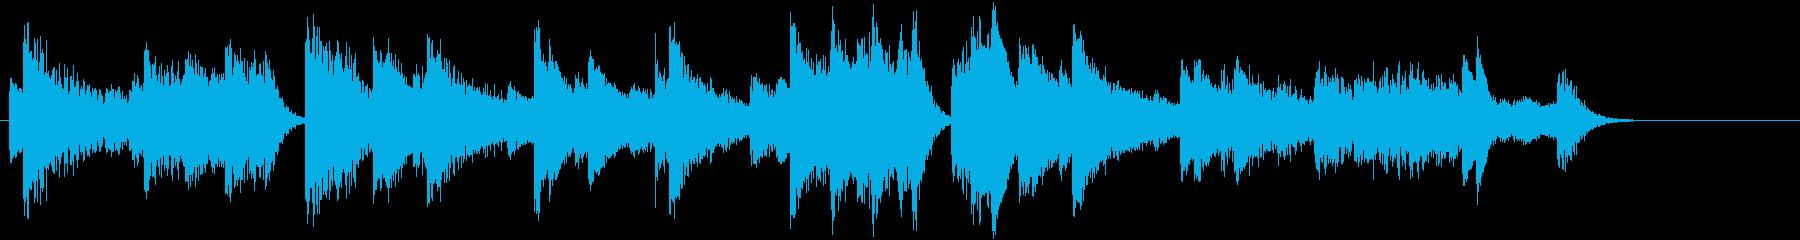 節分!鬼のパンツモチーフピアノジングルBの再生済みの波形